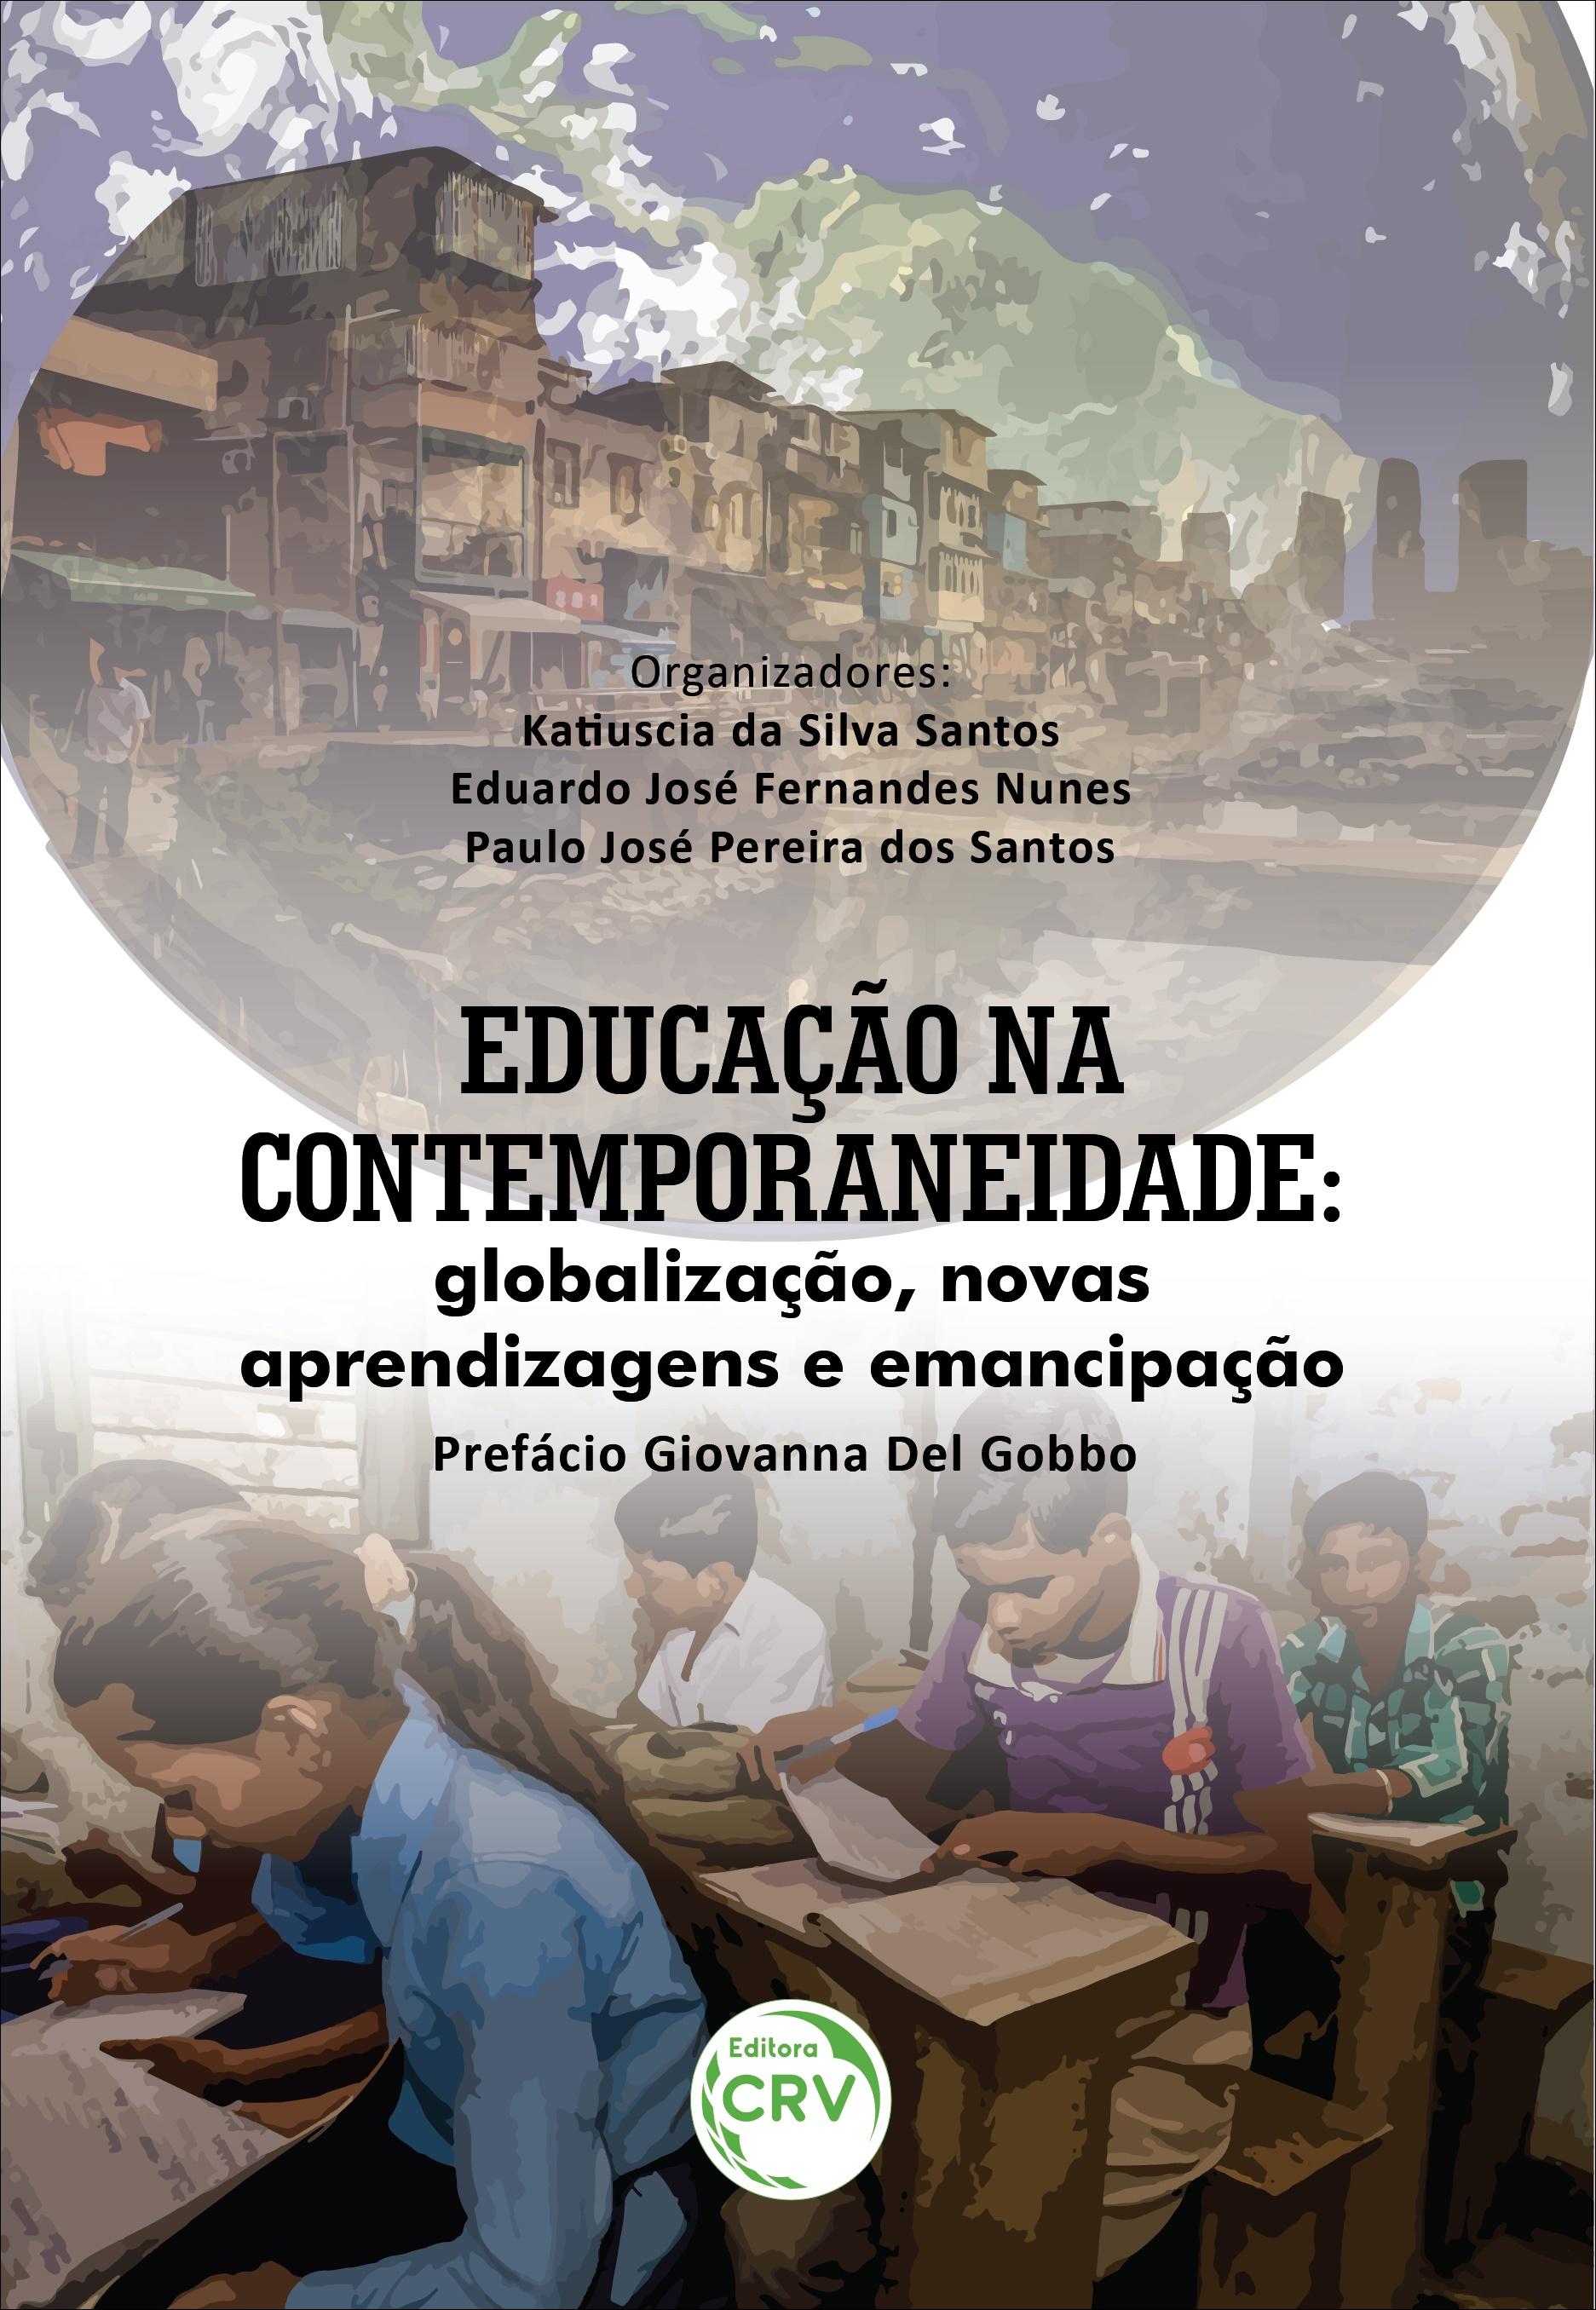 Capa do livro: EDUCAÇÃO NA CONTEMPORANEIDADE: <br> globalização, novas aprendizagens e emancipação